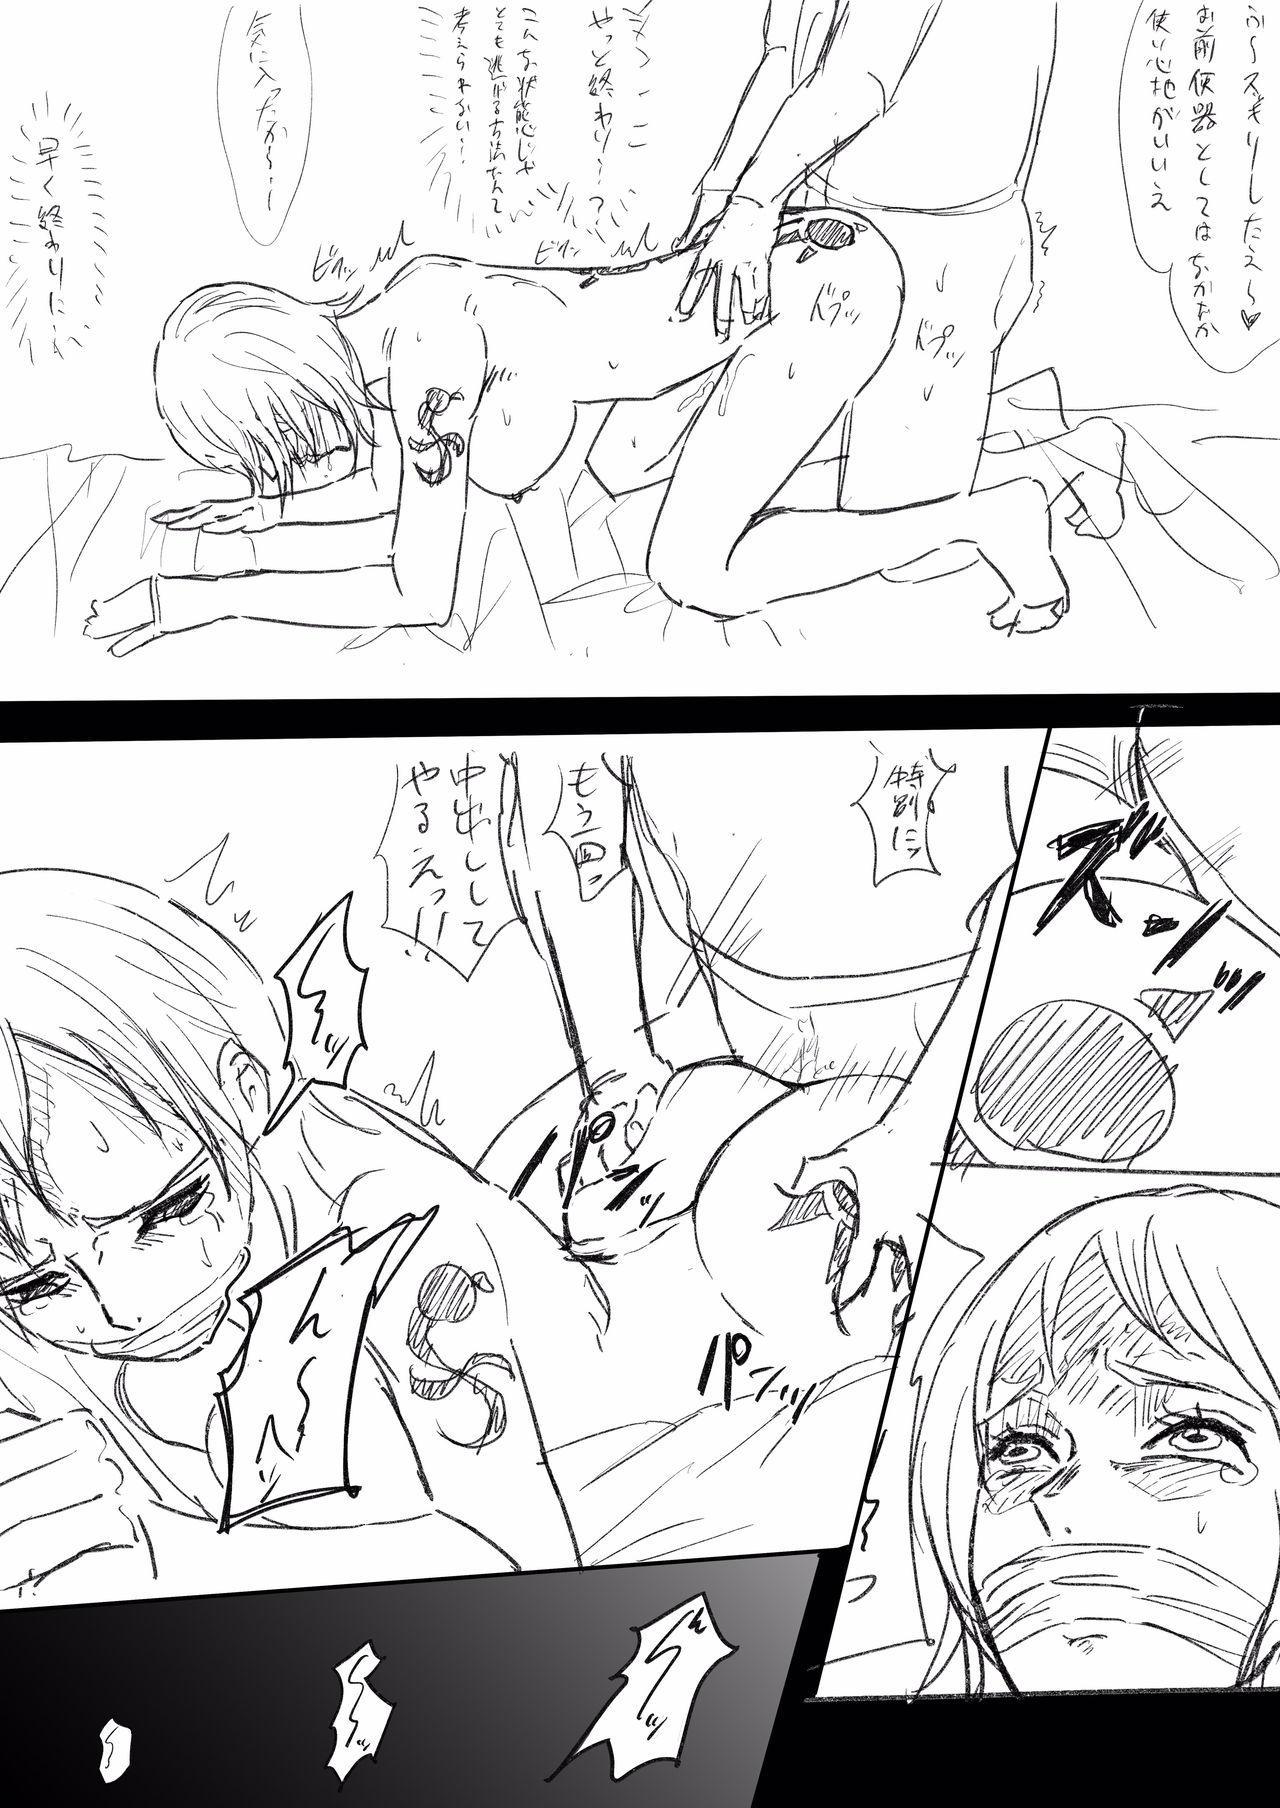 Nami H Manga 5